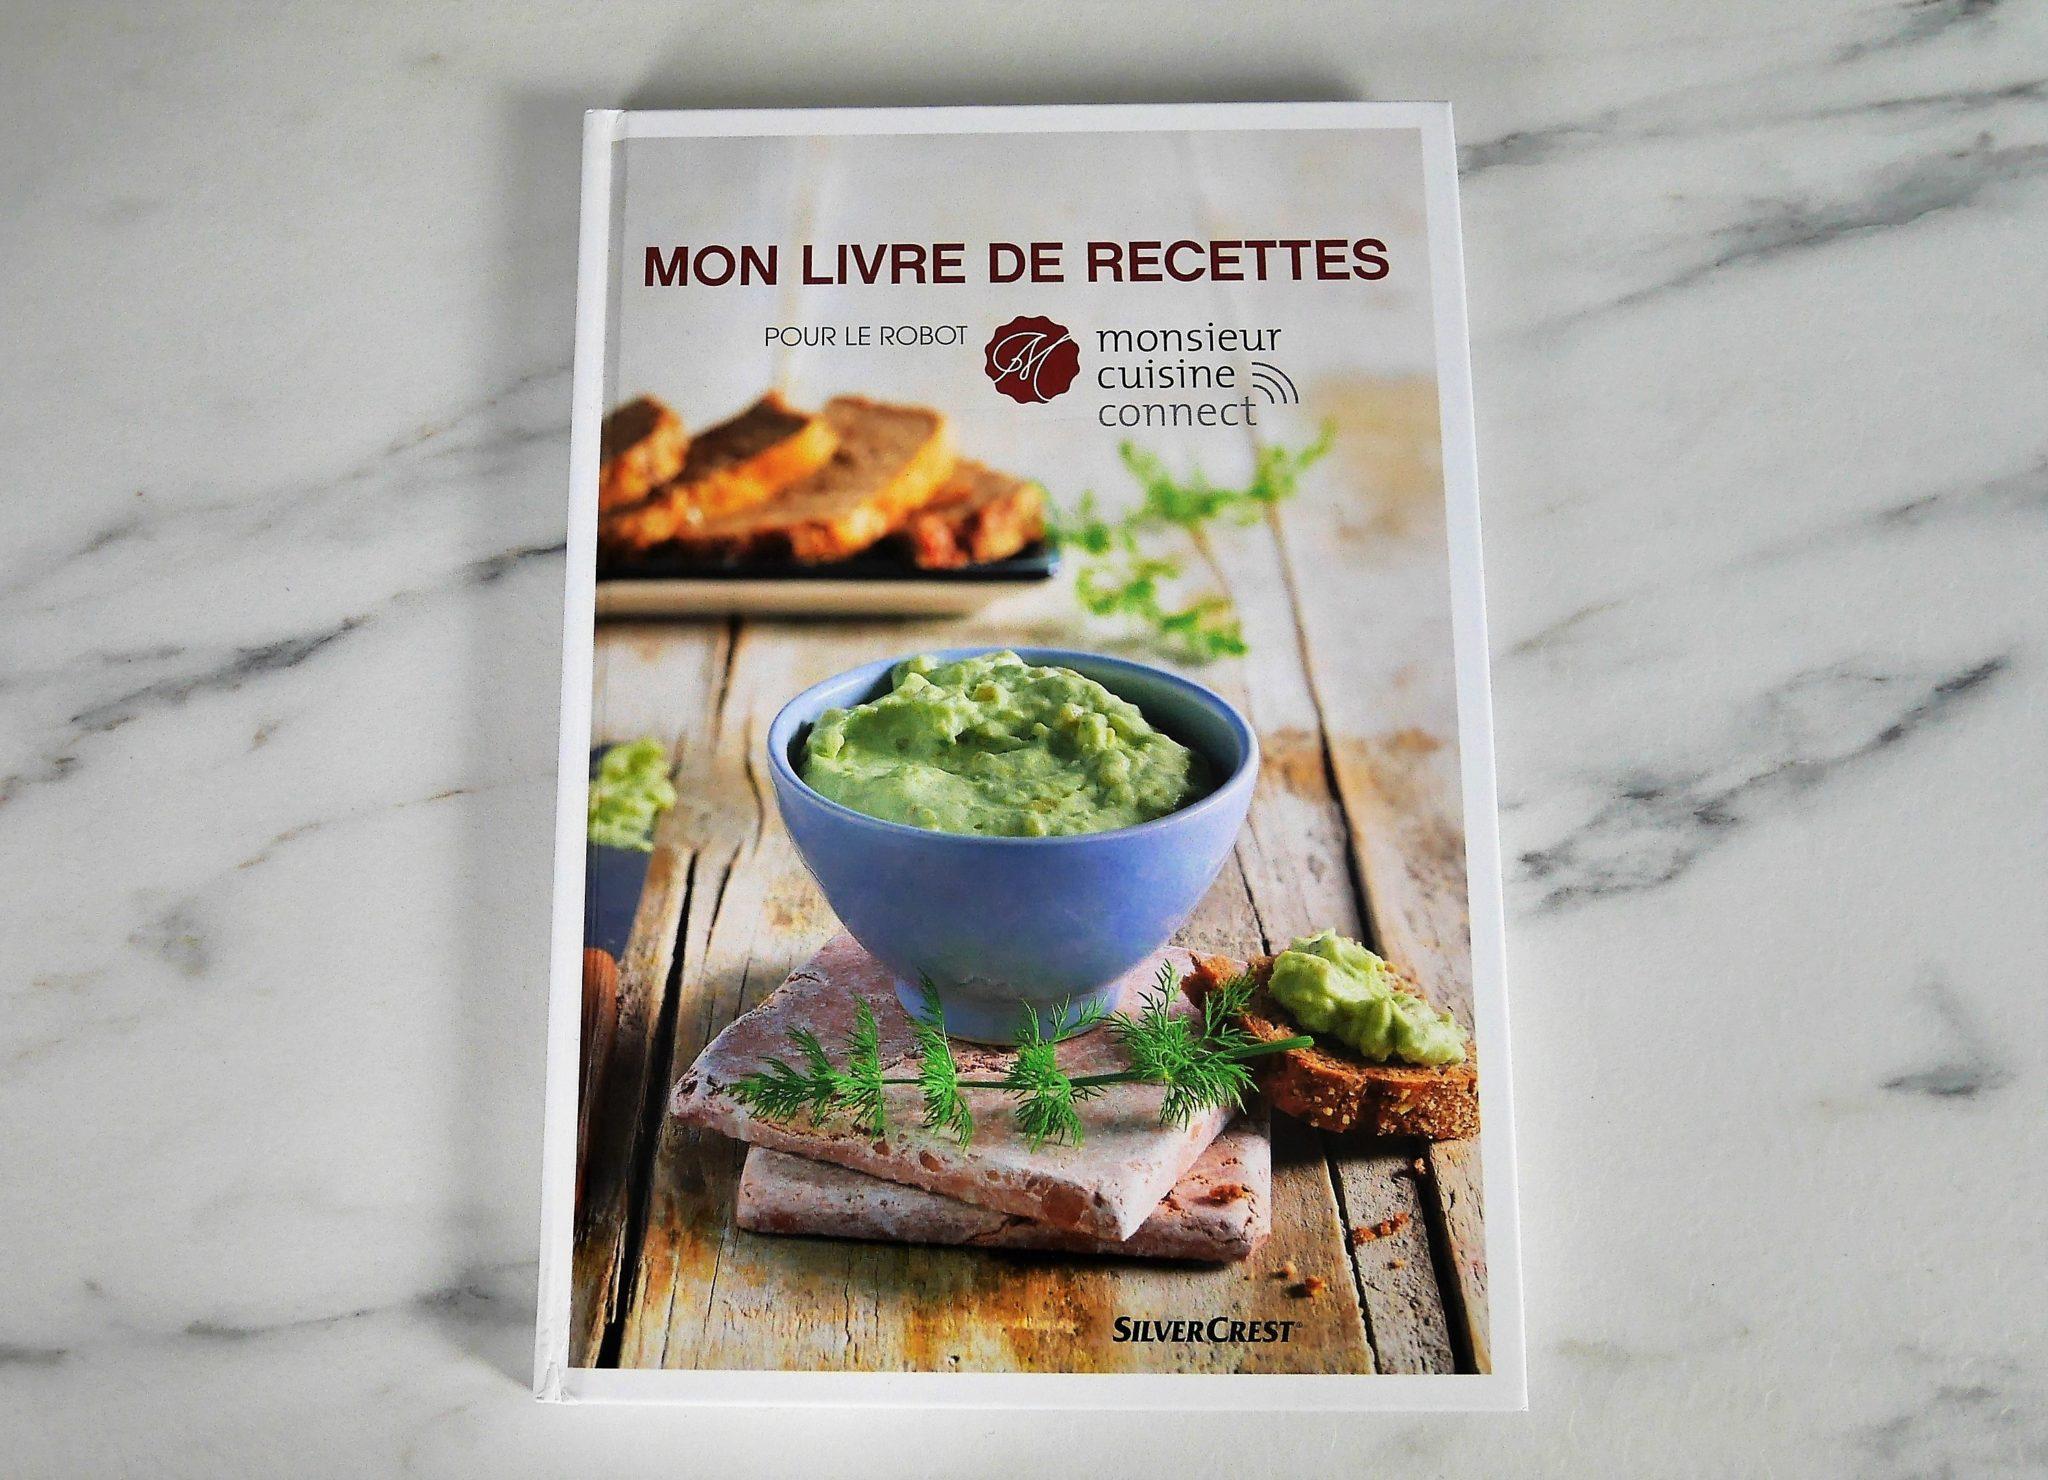 avis monsieur cuisine connect apres 6 mois d experience cuisine test